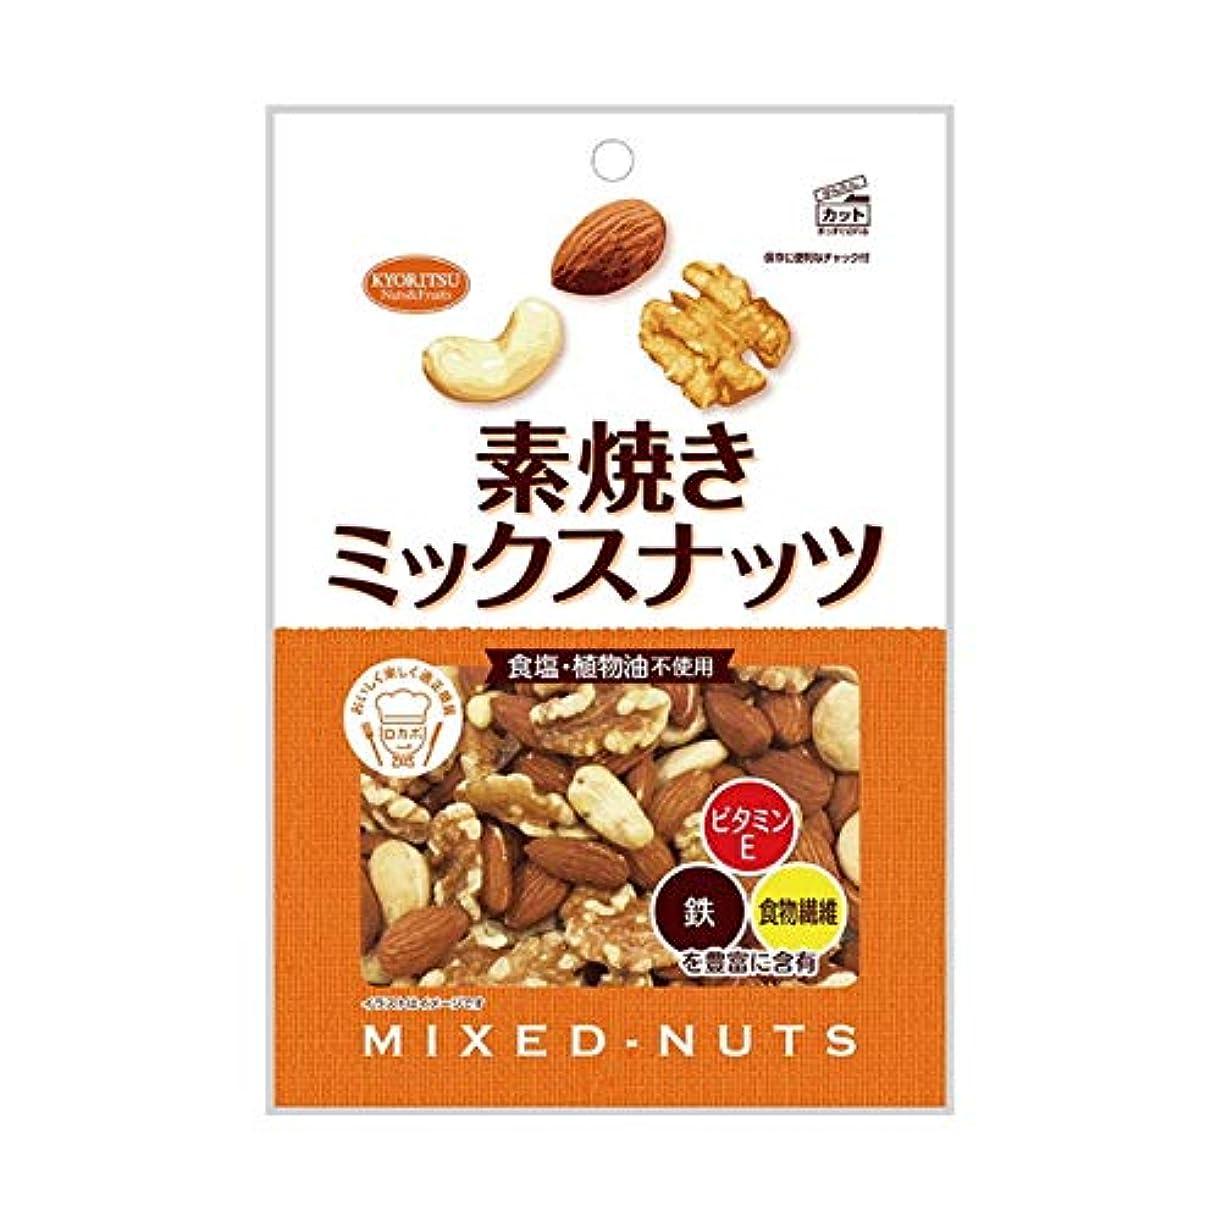 引き出すリズムラメ◆共立 素焼きミックスナッツ 徳用 200g【6個セット】